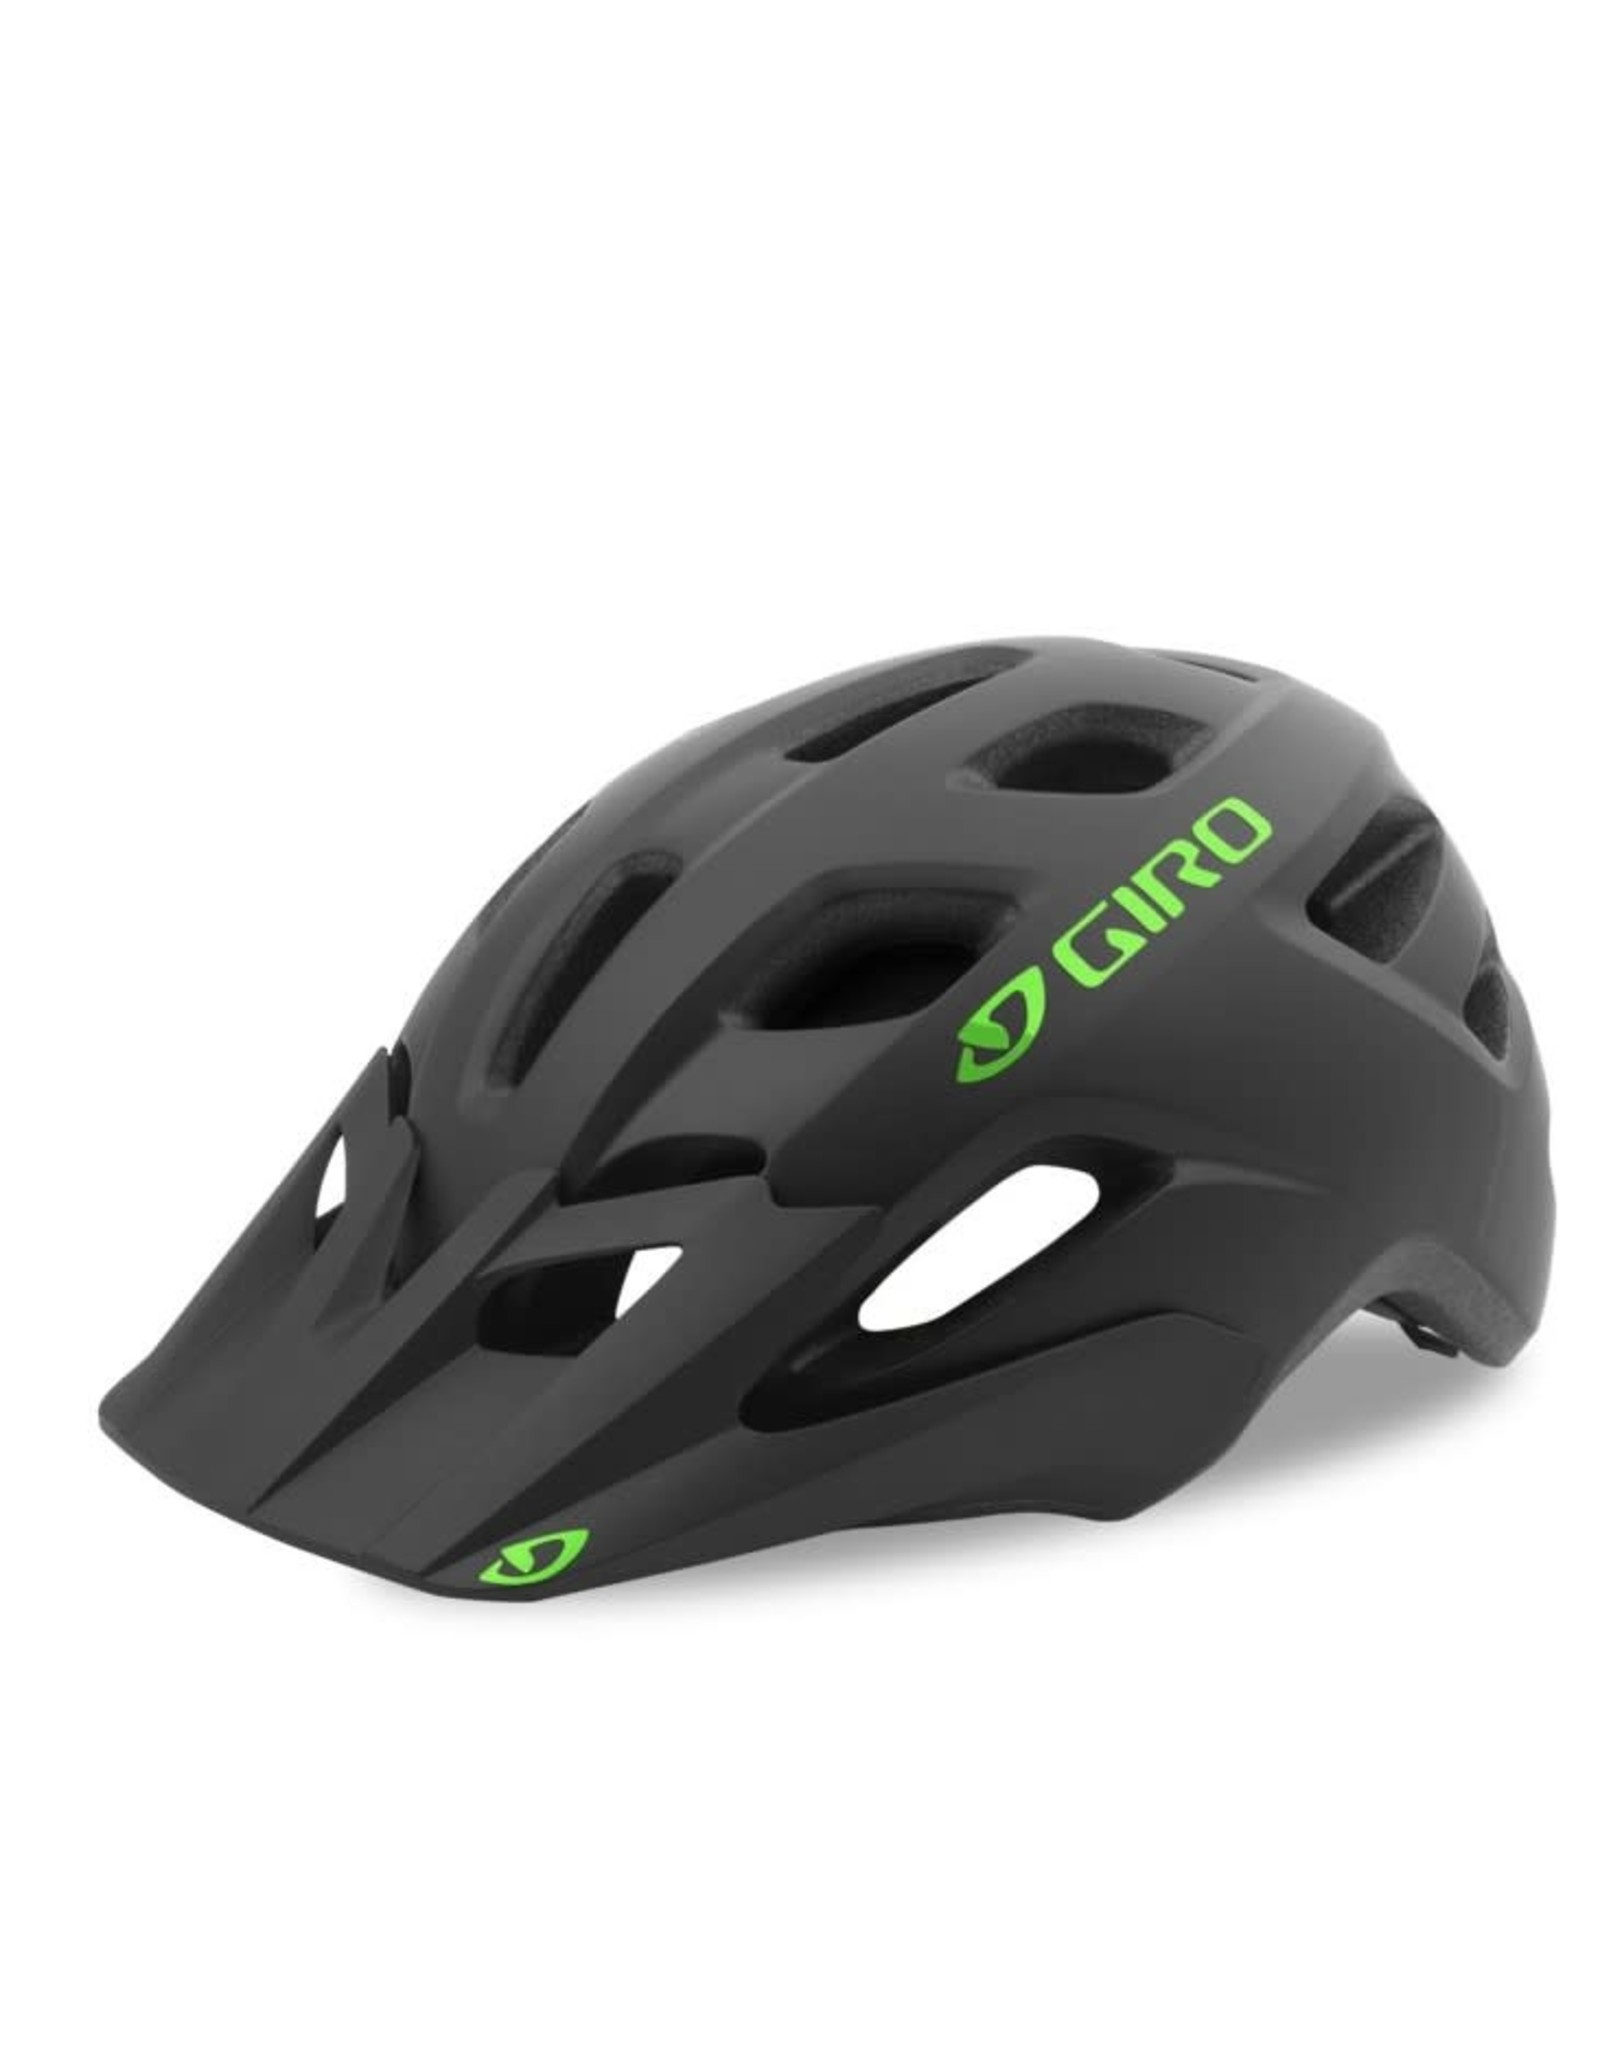 Giro '20, GIRO, Helmet, Tremor